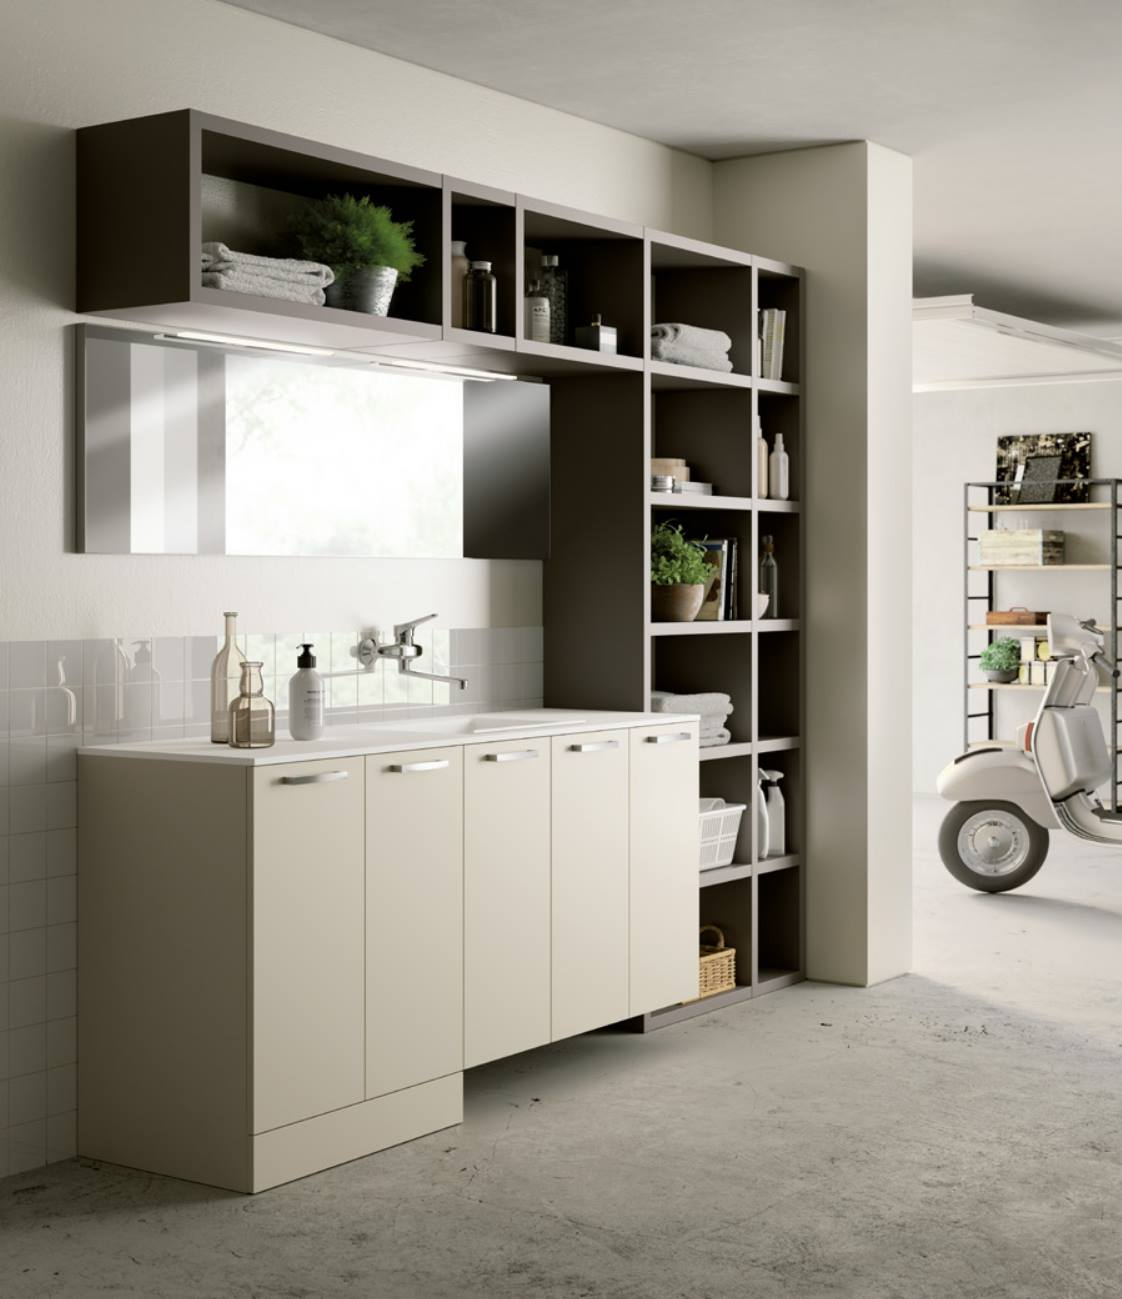 Arredamento lavanderia casa come organizzare lo for Arredo per lavanderia di casa